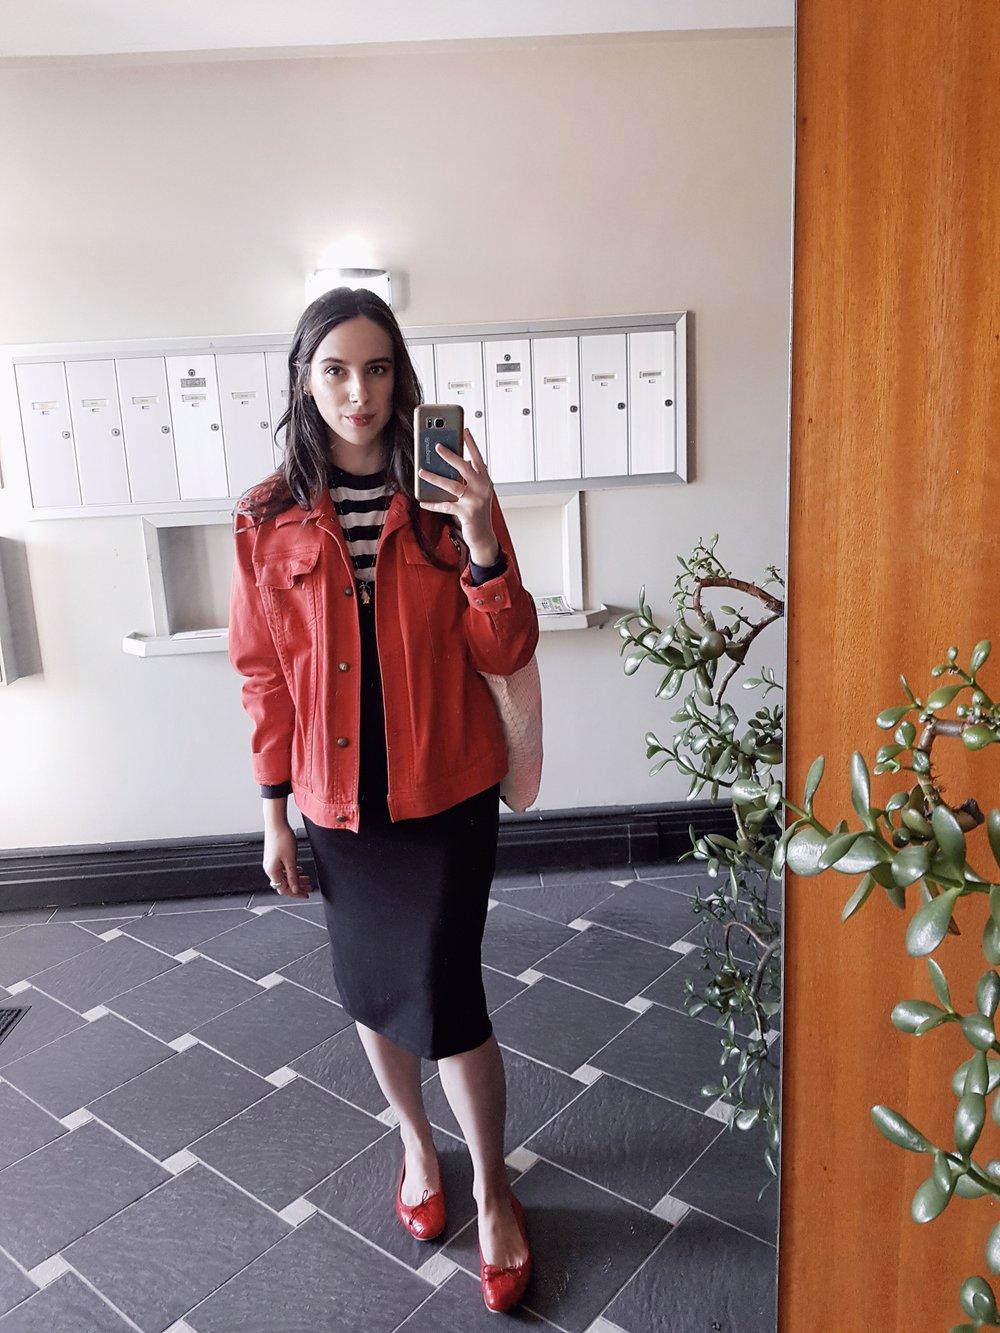 WEDNESDAY - Brandy Melville shirt, Aritzia dress, vintage Ralph Lauren jacket, Zara flats